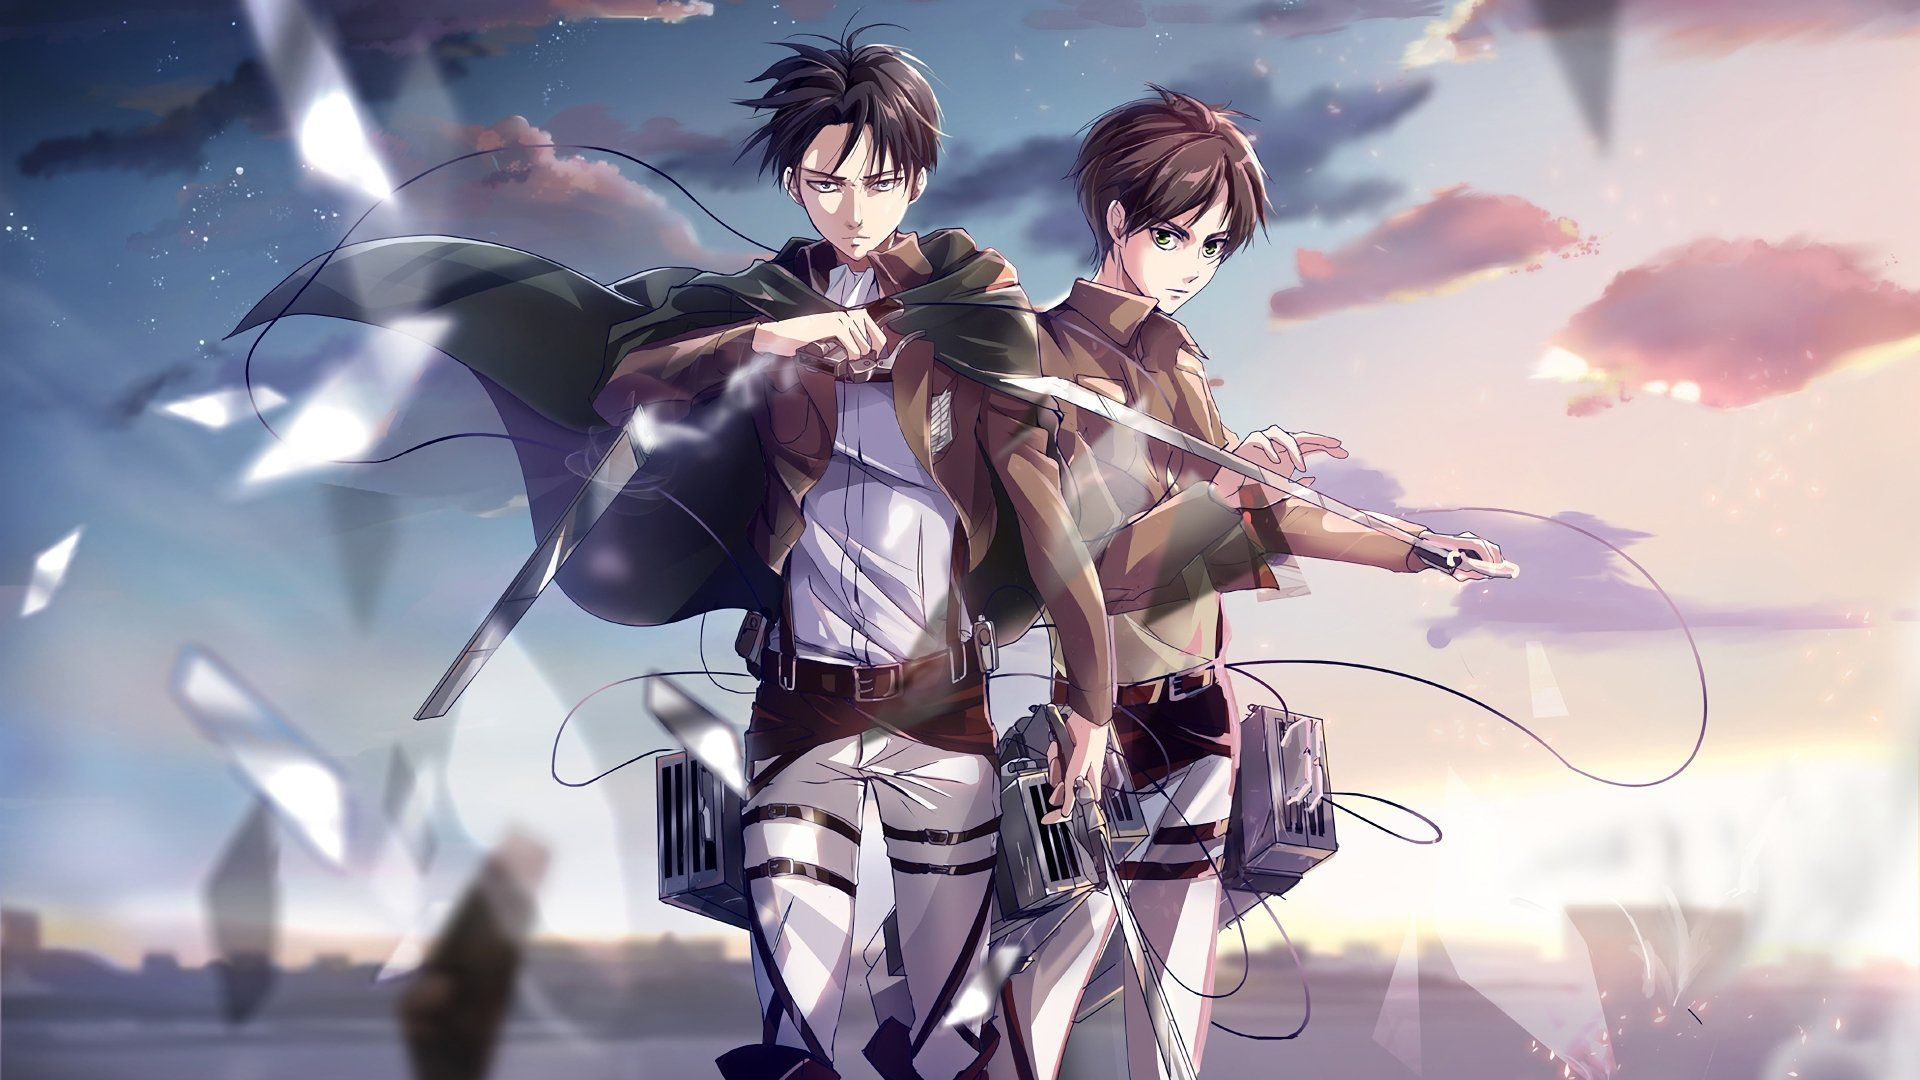 3840x2160 Ataque A Los Titanes Imagen De Fondo De Pantalla Mira Descarga Comenta Y Puntua Wallpaper Abyss Attack On Titan Anime Fans